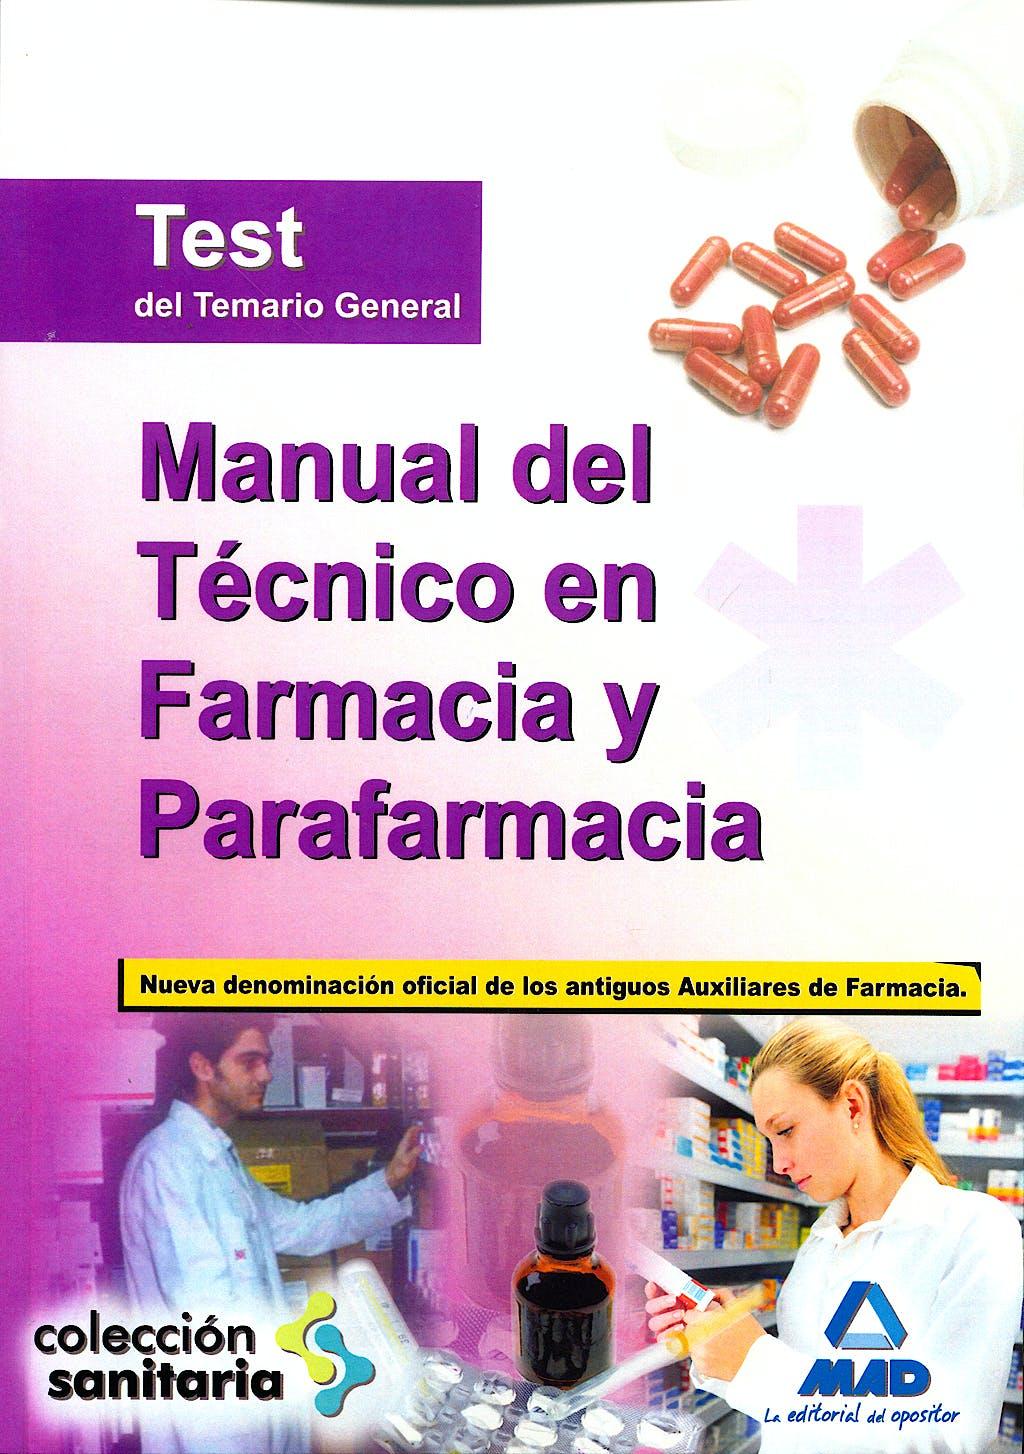 Portada del libro 9788467630824 Manual del Tecnico en Farmacia y Parafarmacia. Test del Temario General